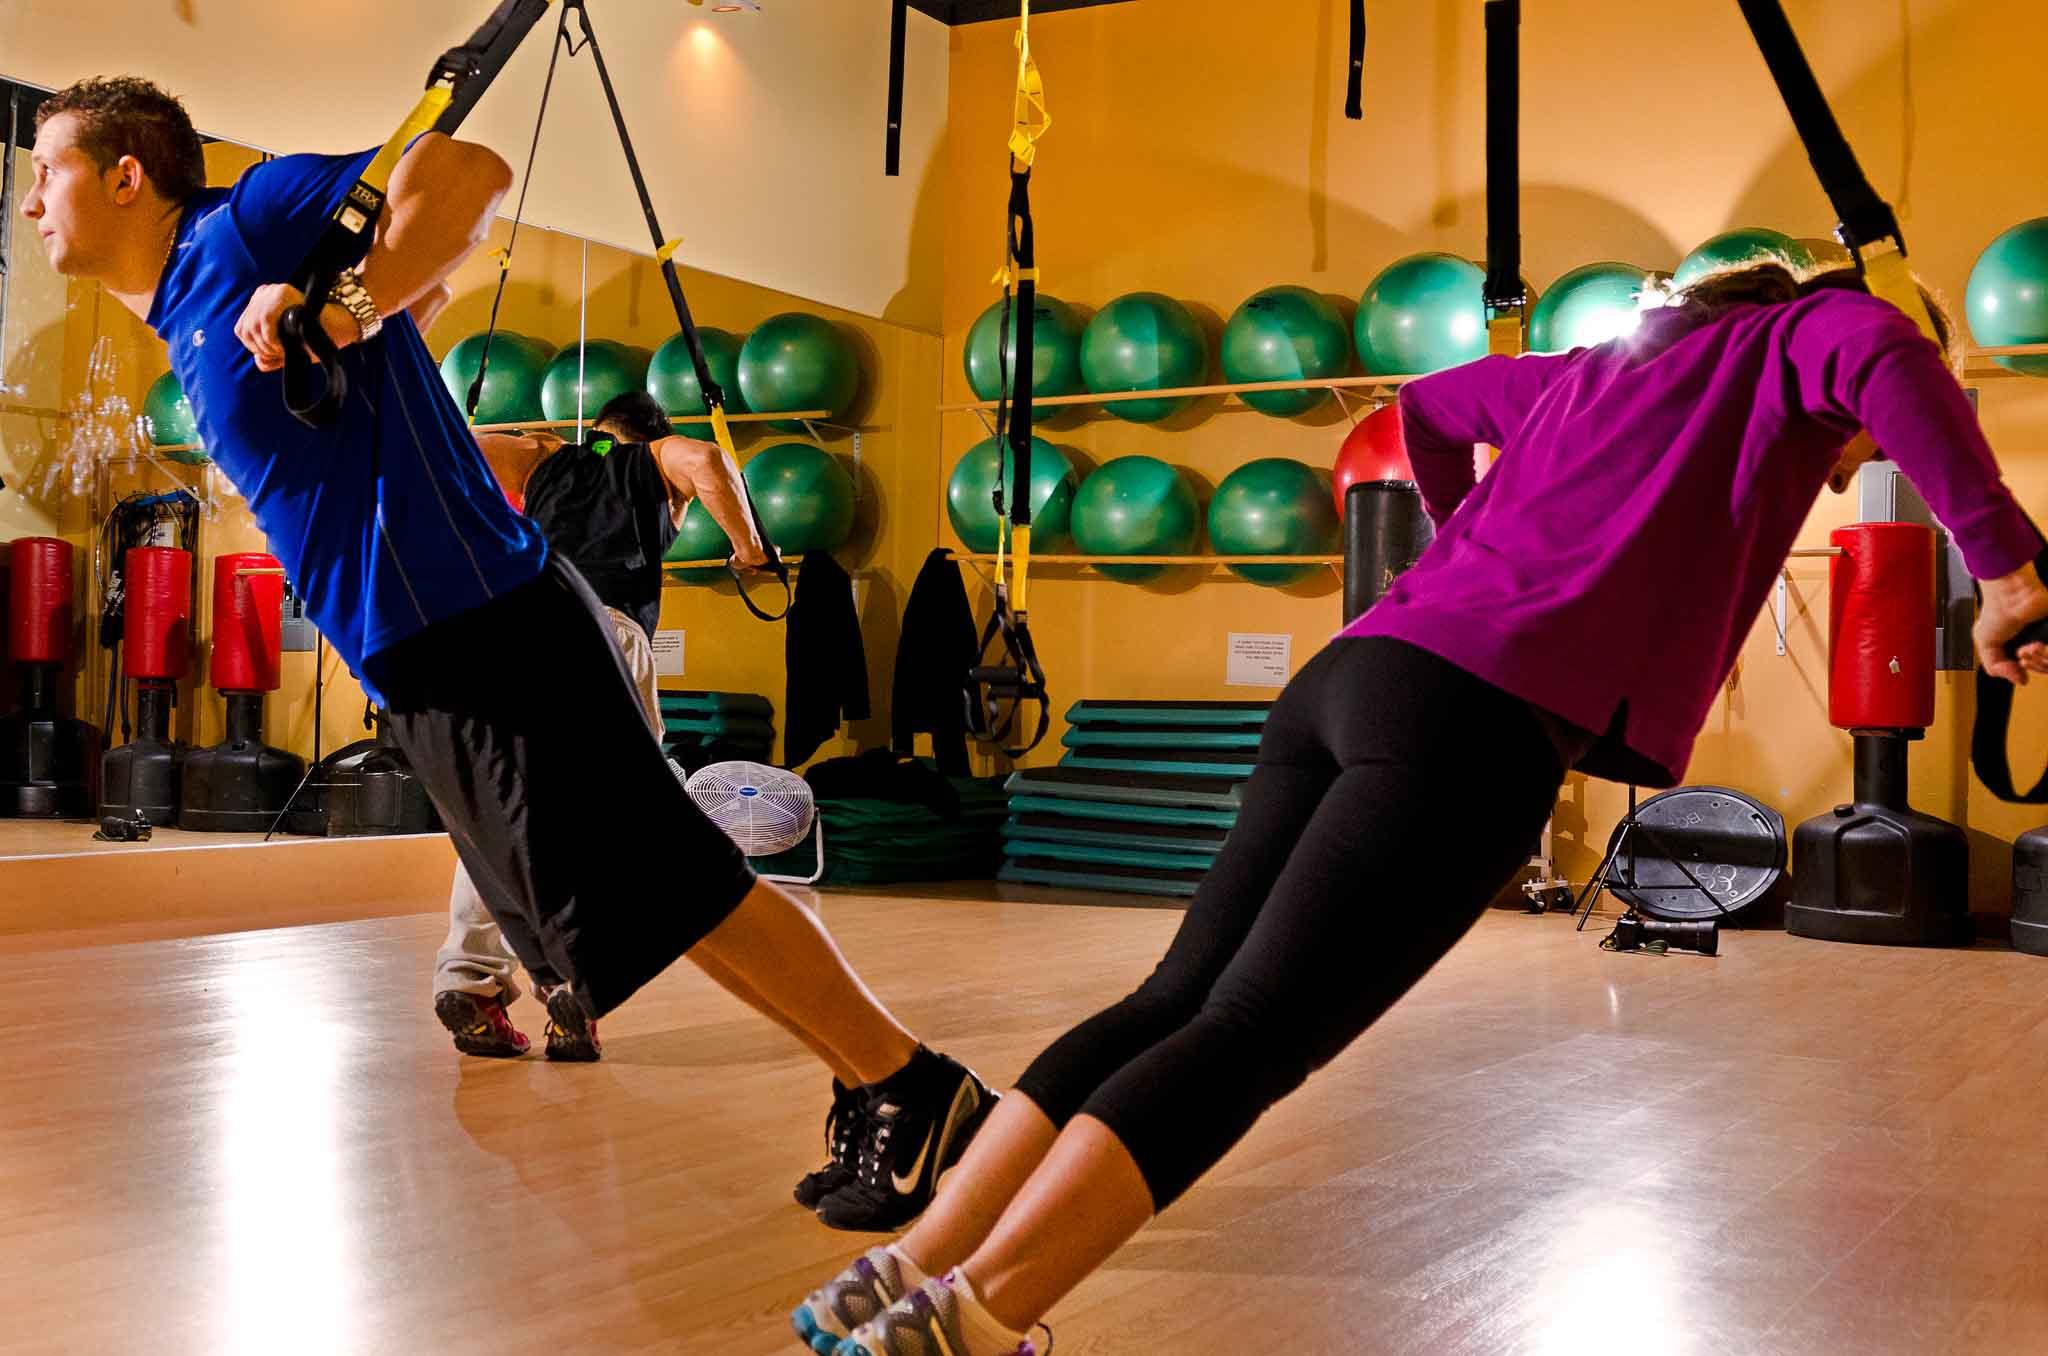 Gente entrenando con cintas TRX en gimnasio